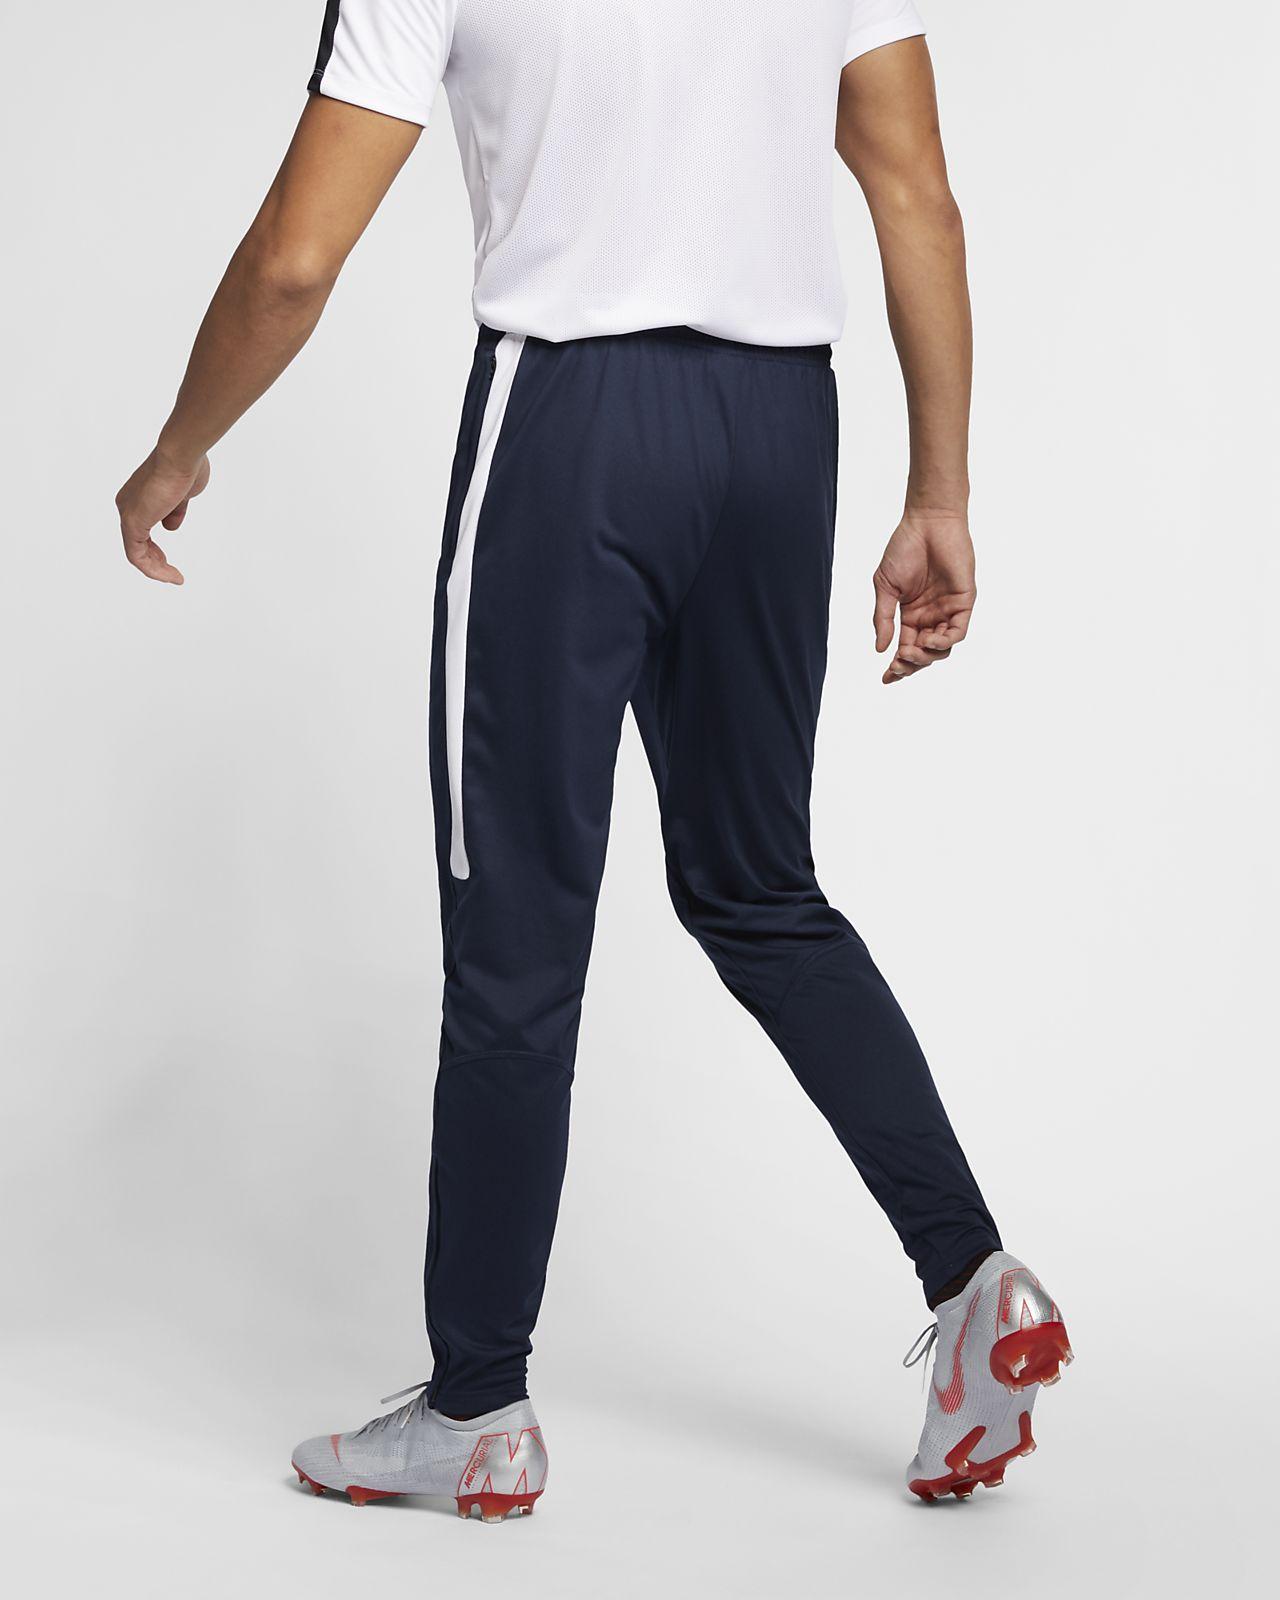 pantaloni uomo nike adidas